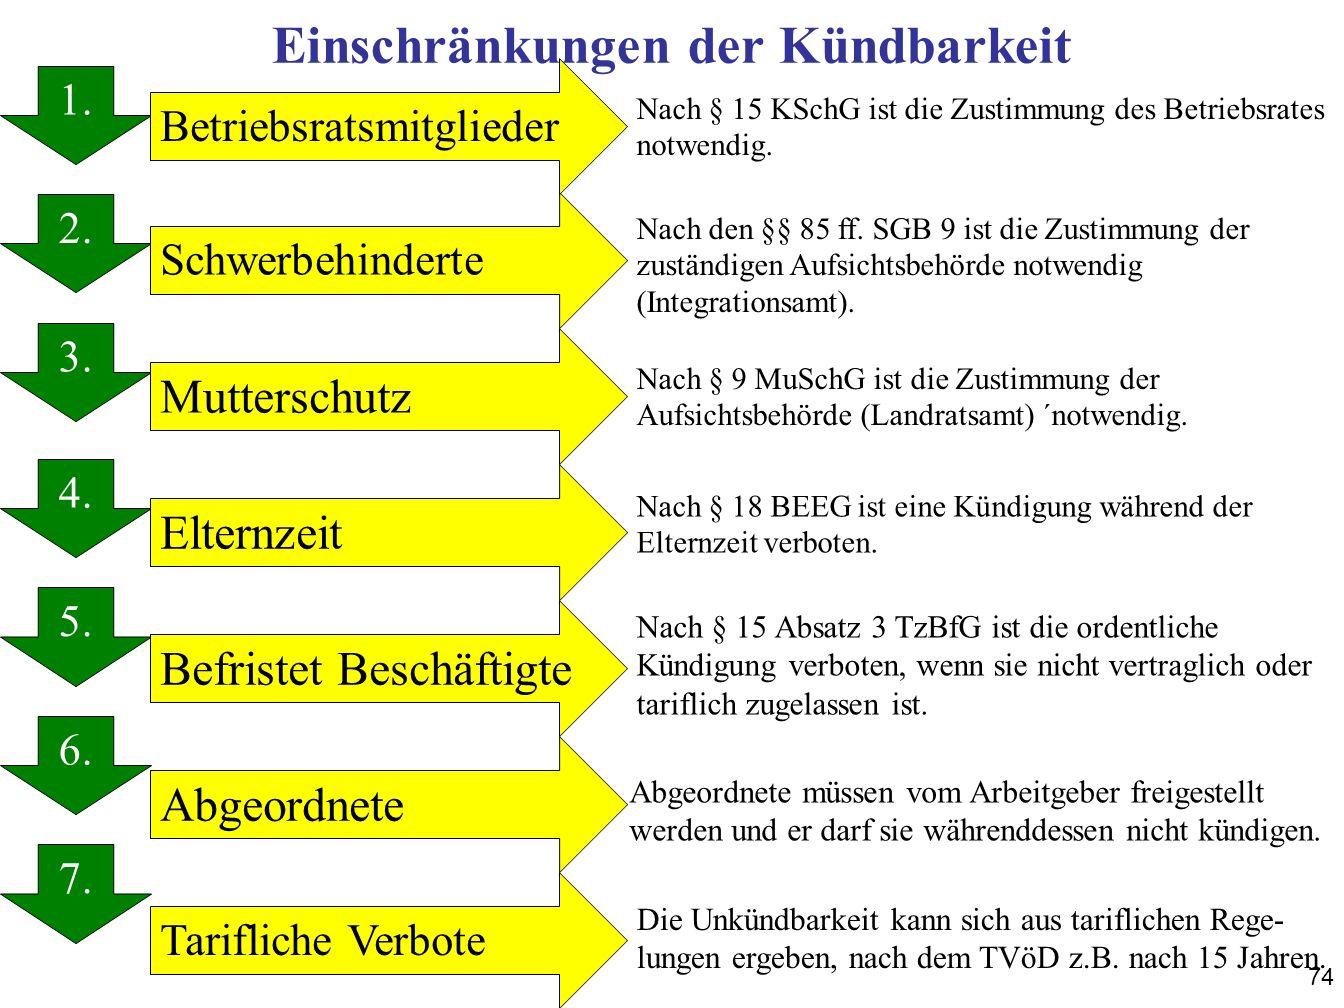 74 Einschränkungen der Kündbarkeit 1. 2. 3. 4. 5. 6. 7. 1. Schwerbehinderte Betriebsratsmitglieder Mutterschutz Elternzeit Befristet Beschäftigte Abge